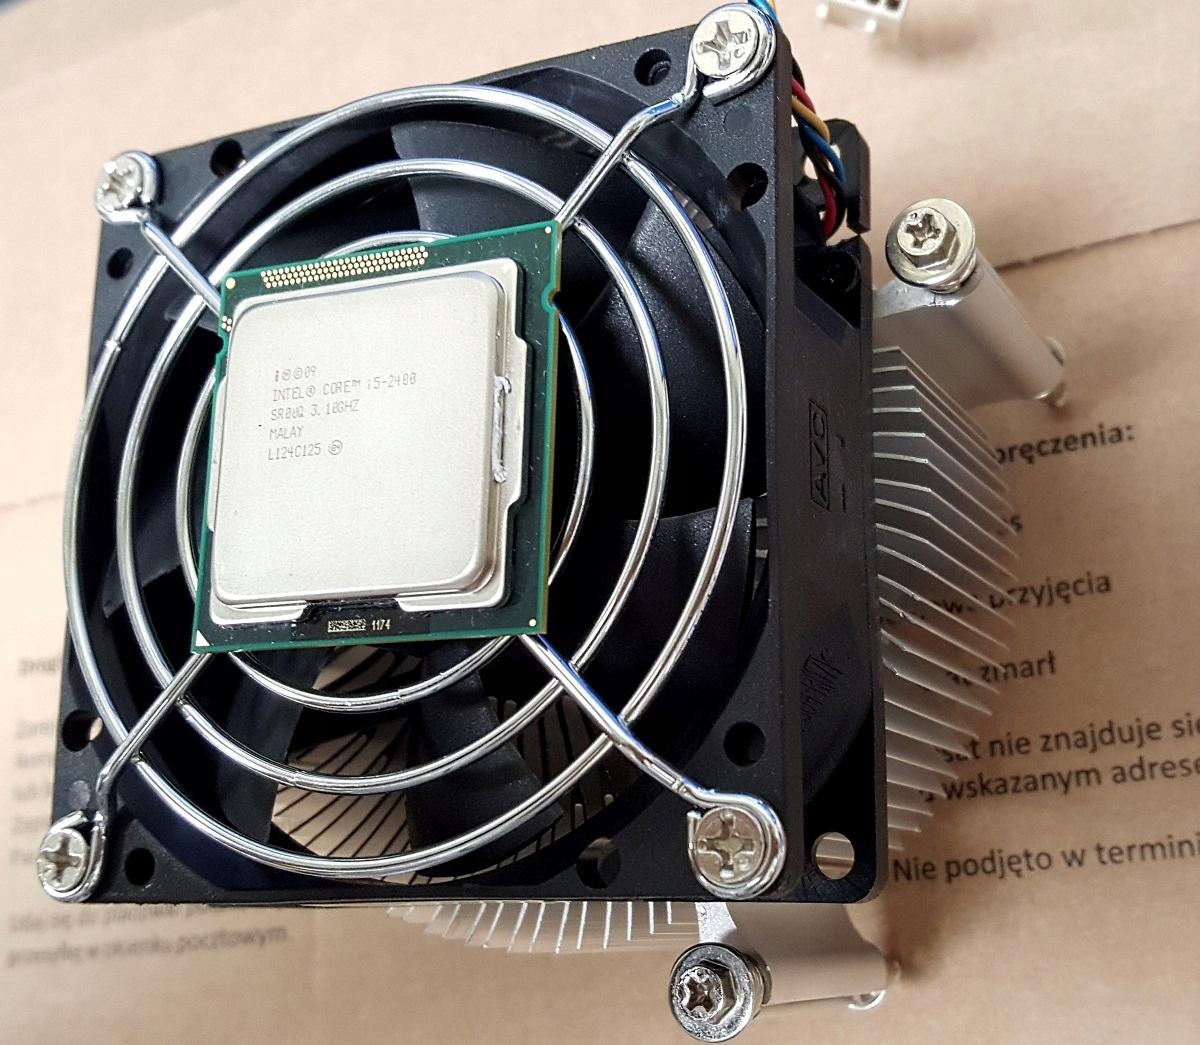 Intel core i5-2400 z radiatorem i wentylatorem